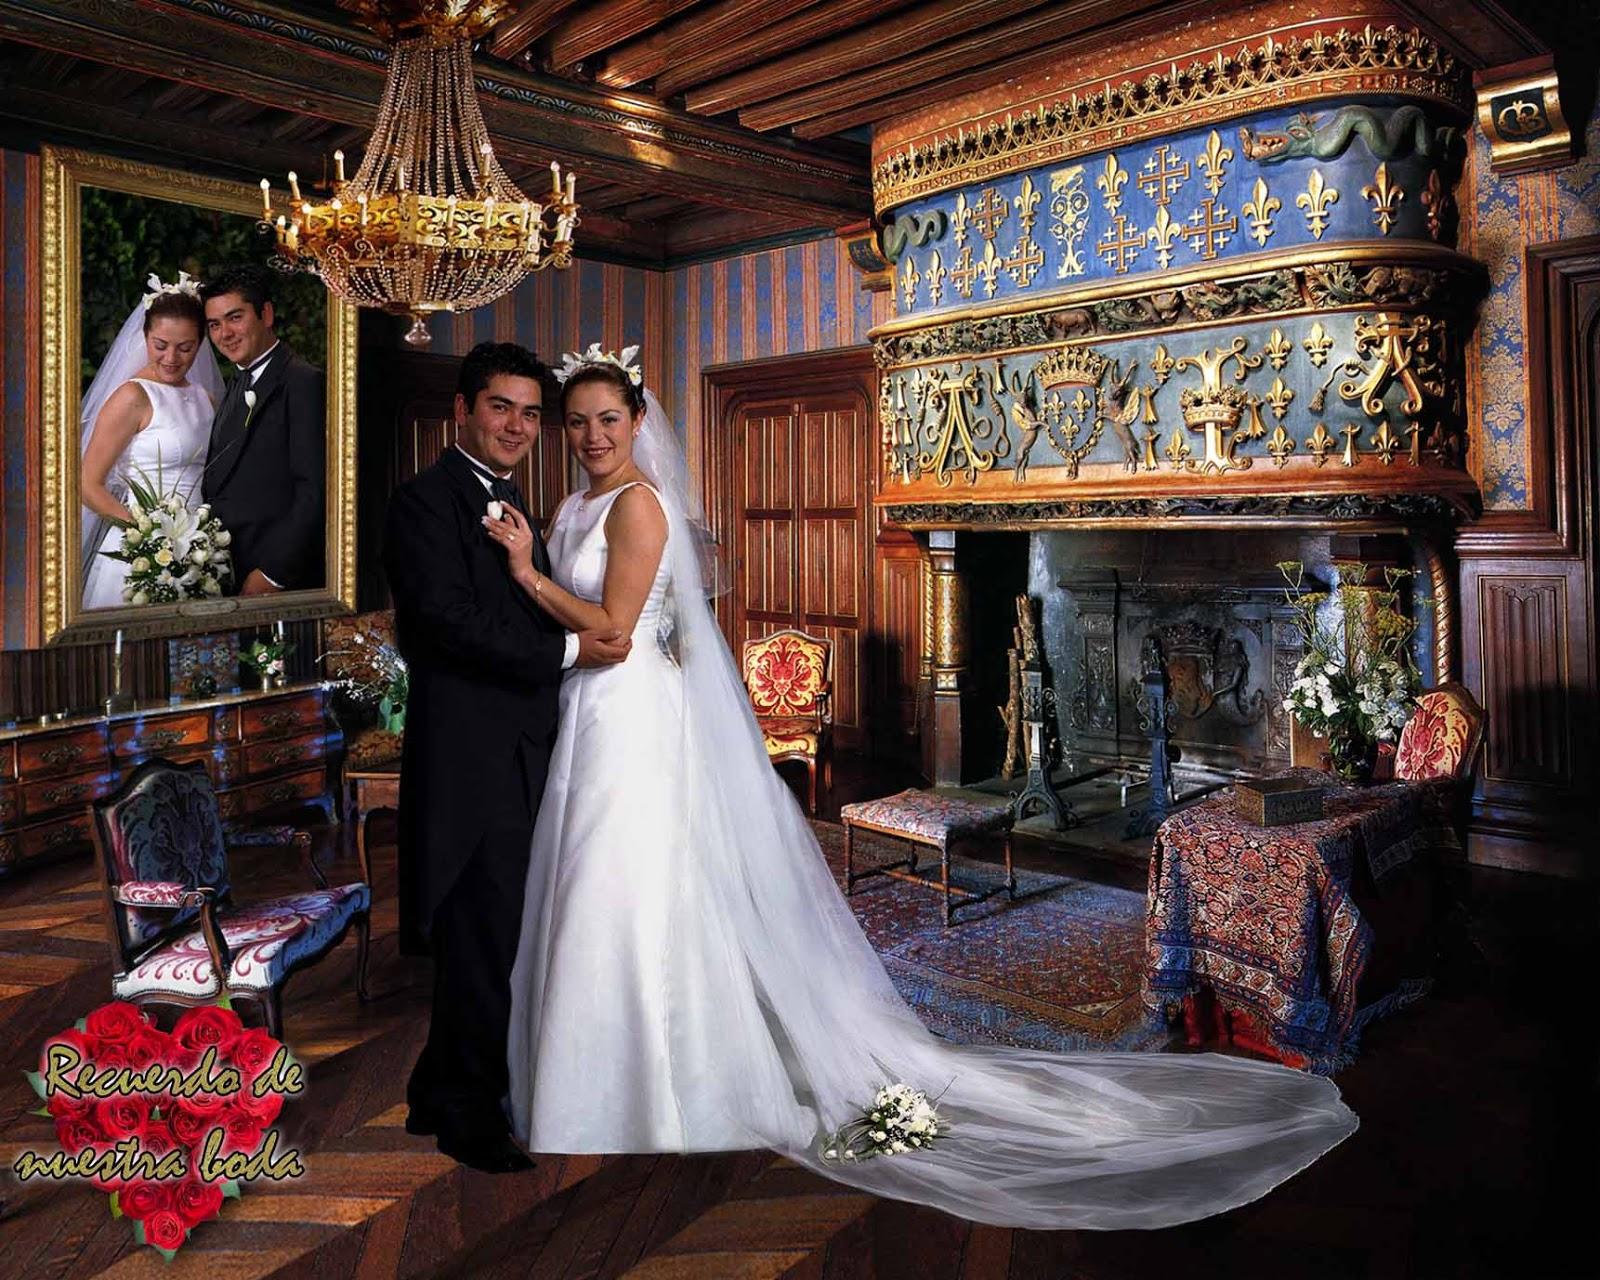 Montajes de fotos para bodas - Cosas para preparar una boda ...